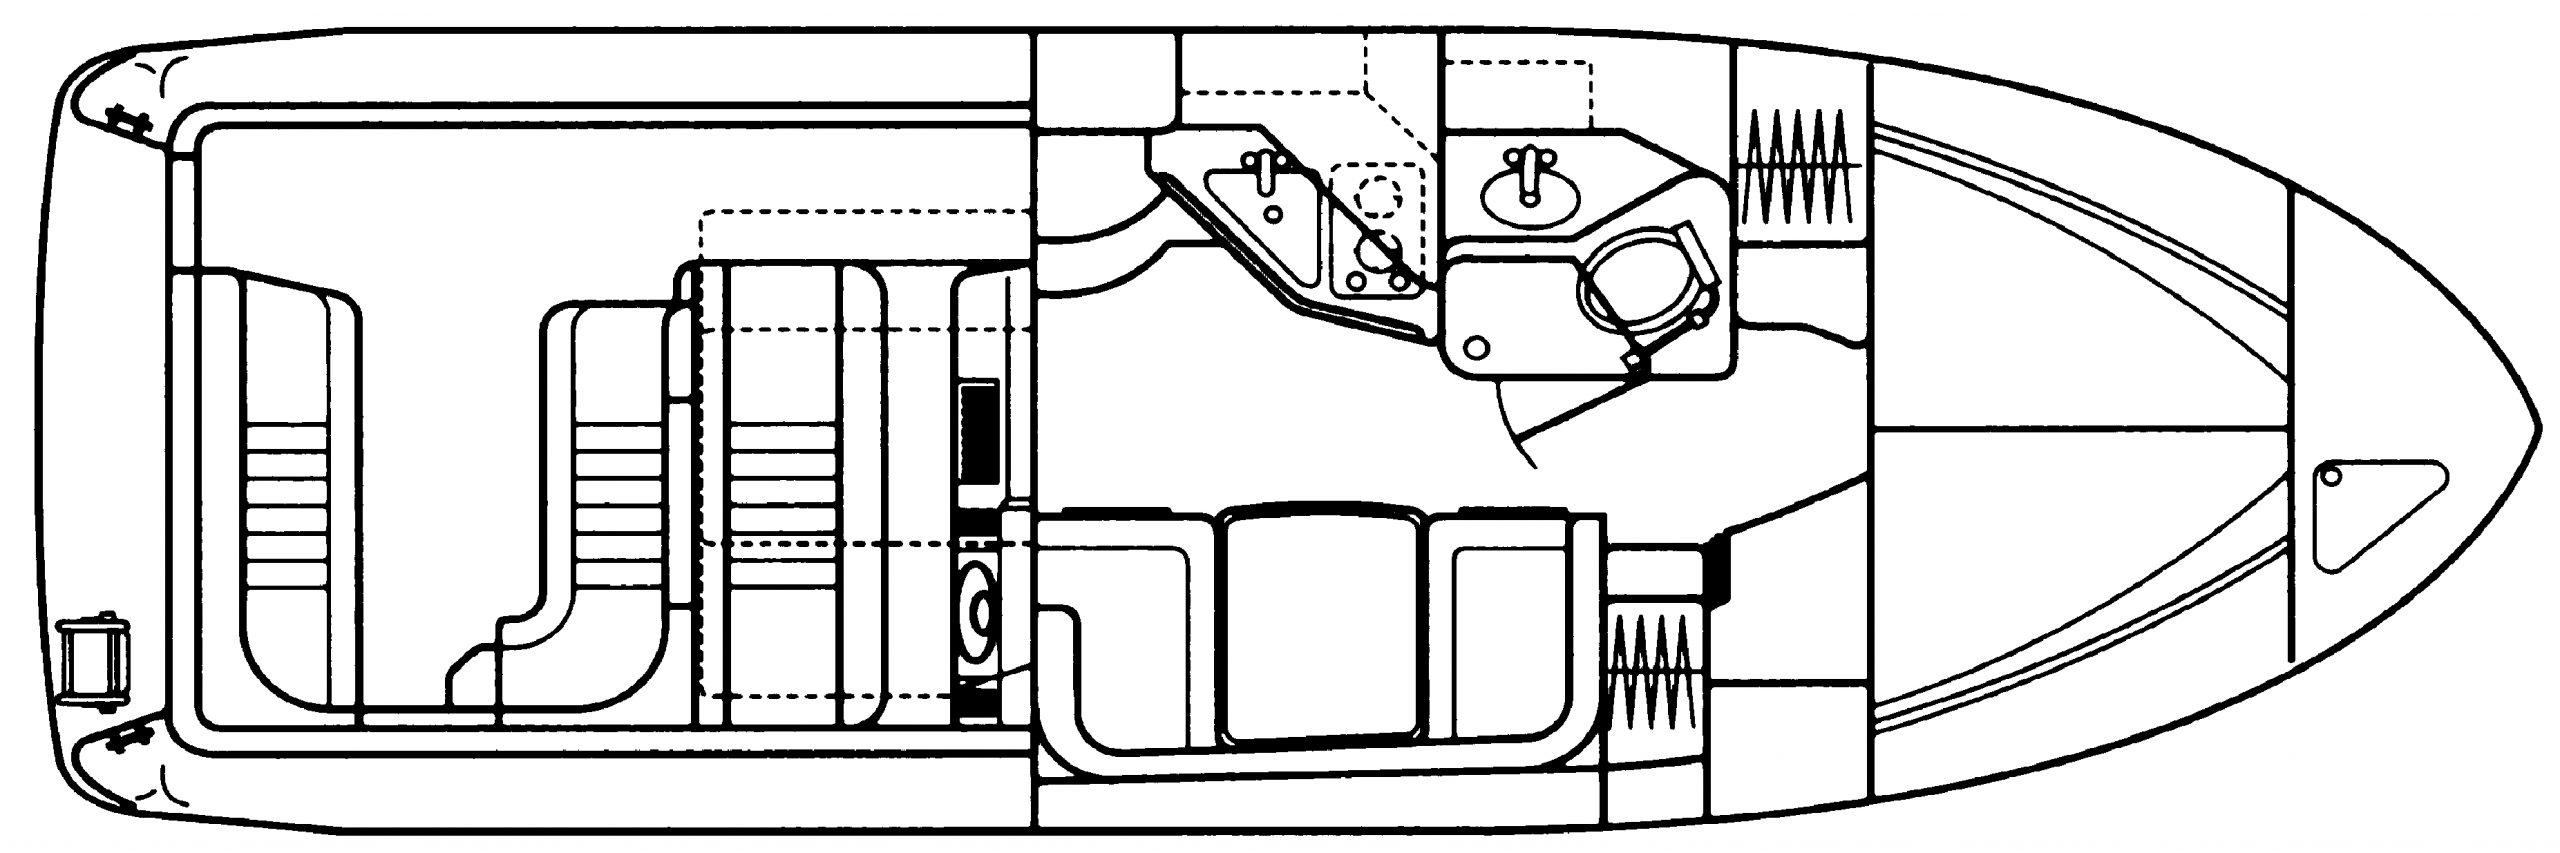 300 Sundancer Floor Plan 2